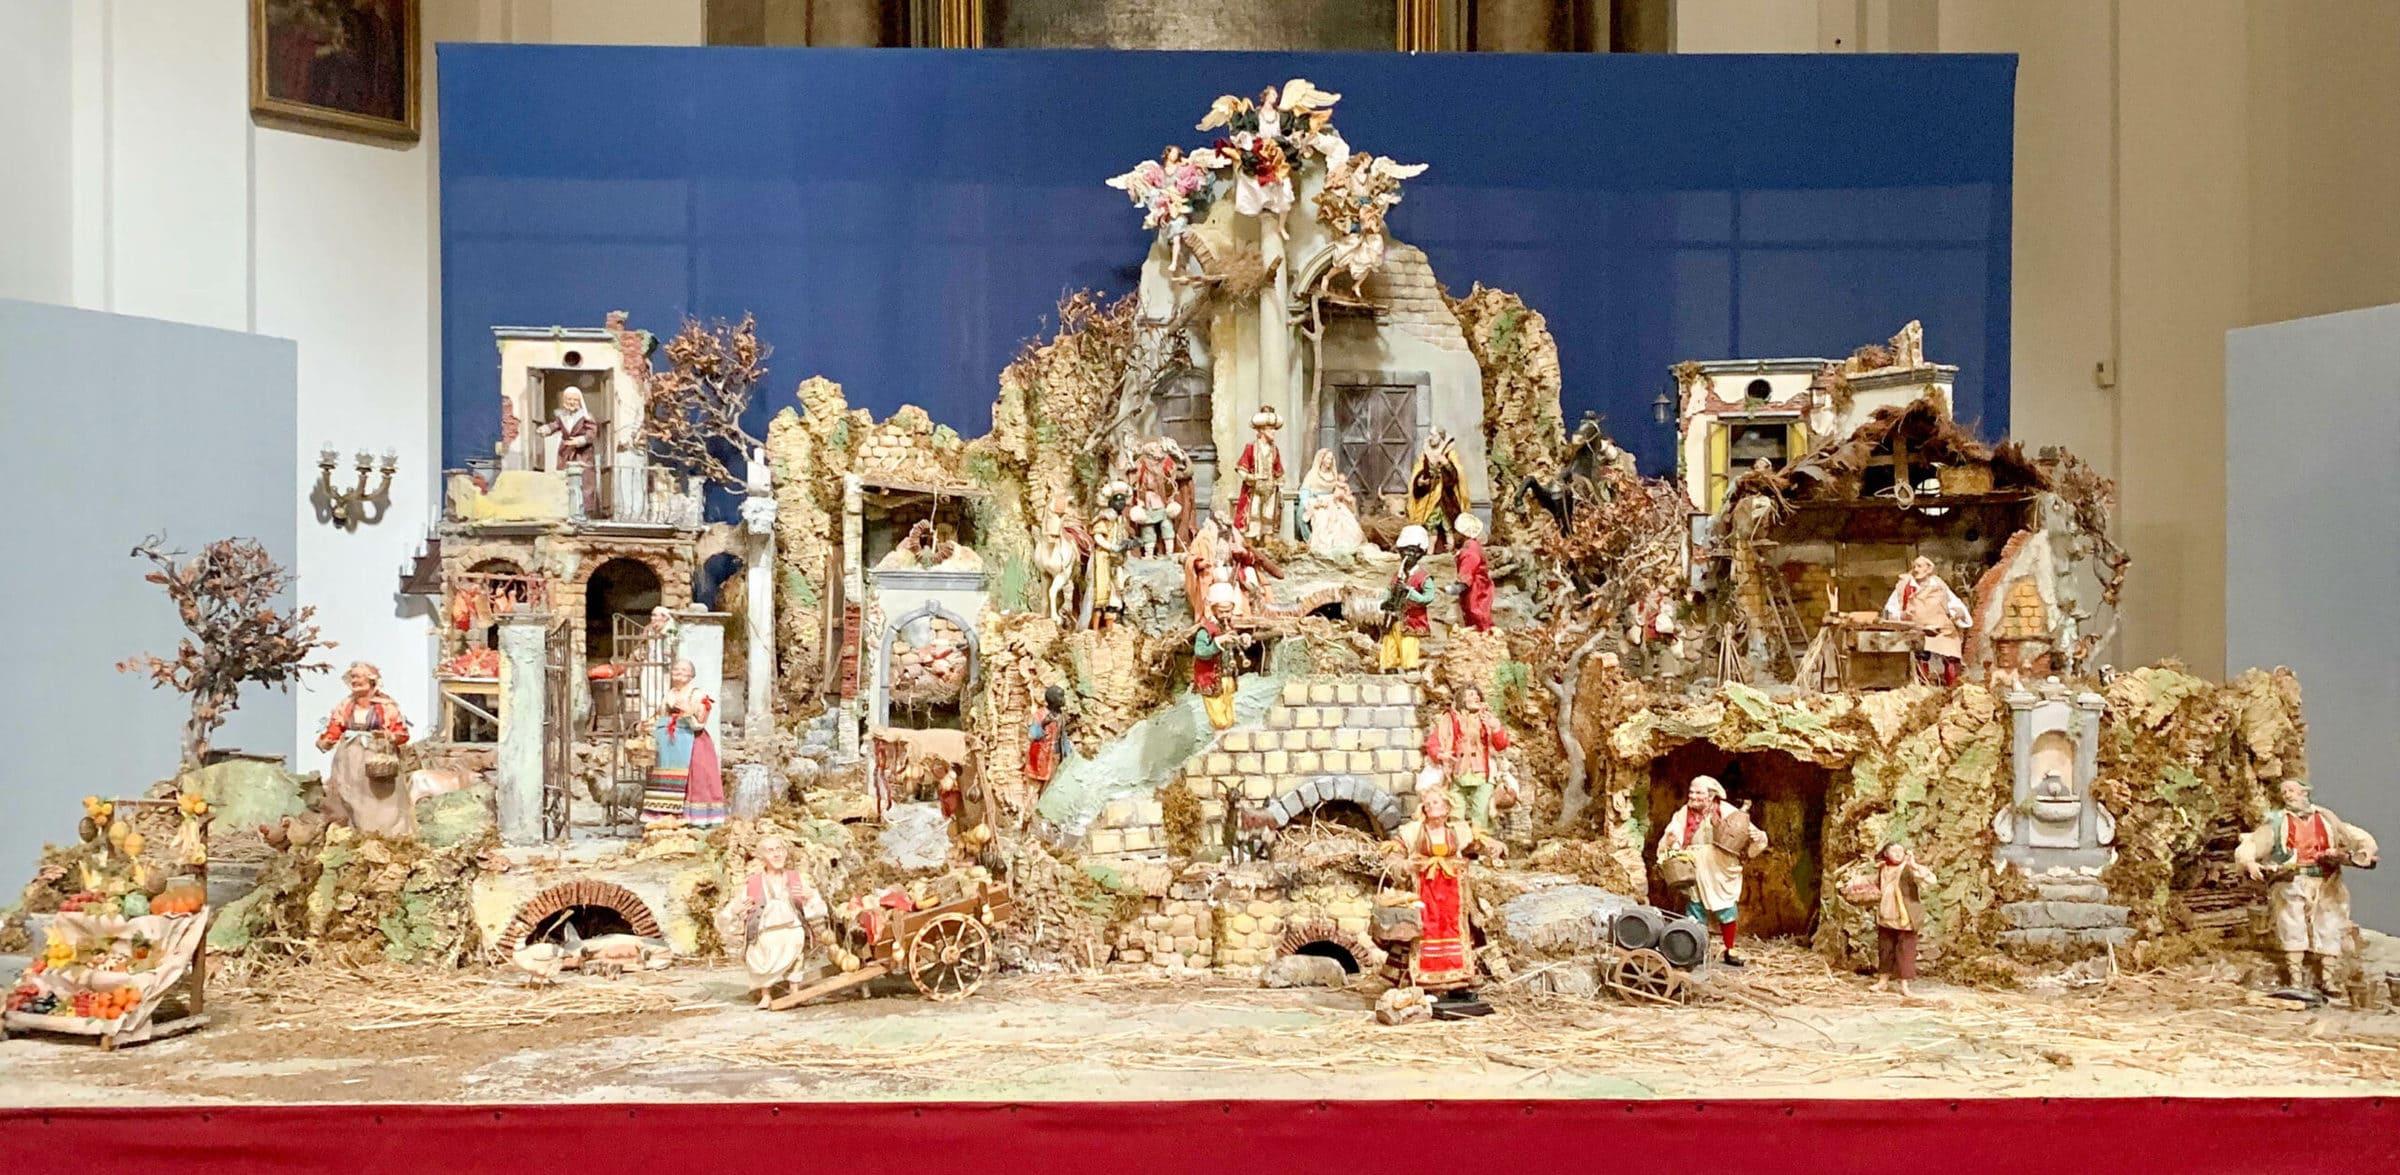 Marco Ferrigo: Neapolitanische Krippe, Sant'Ignazio di Loyola, Rom